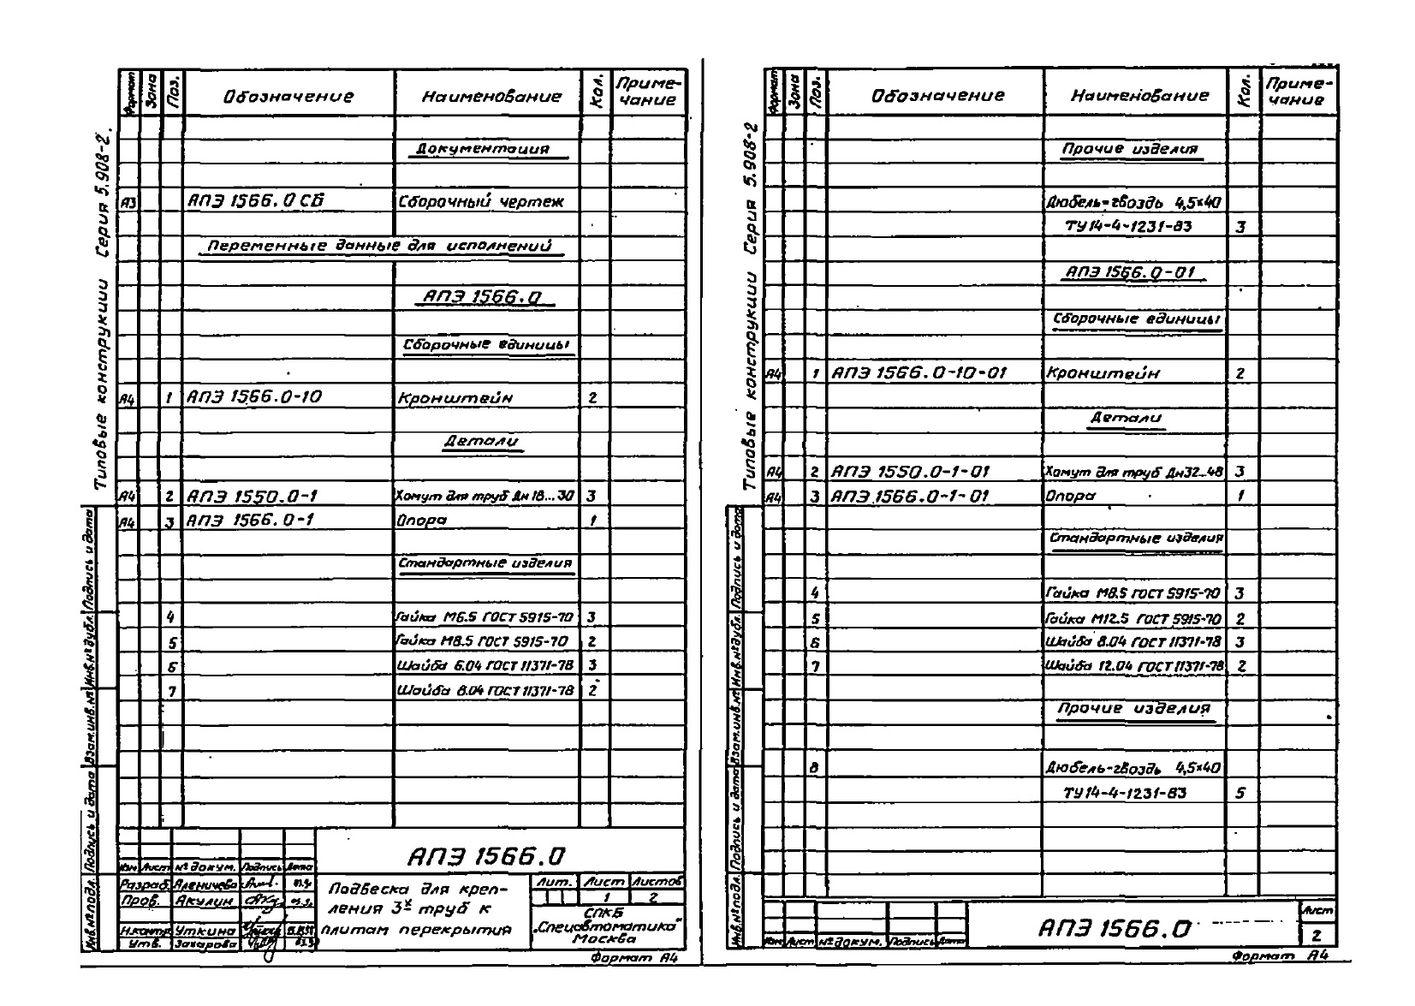 Подвеска АПЭ 1566.0 серия 5.908-2 стр.2